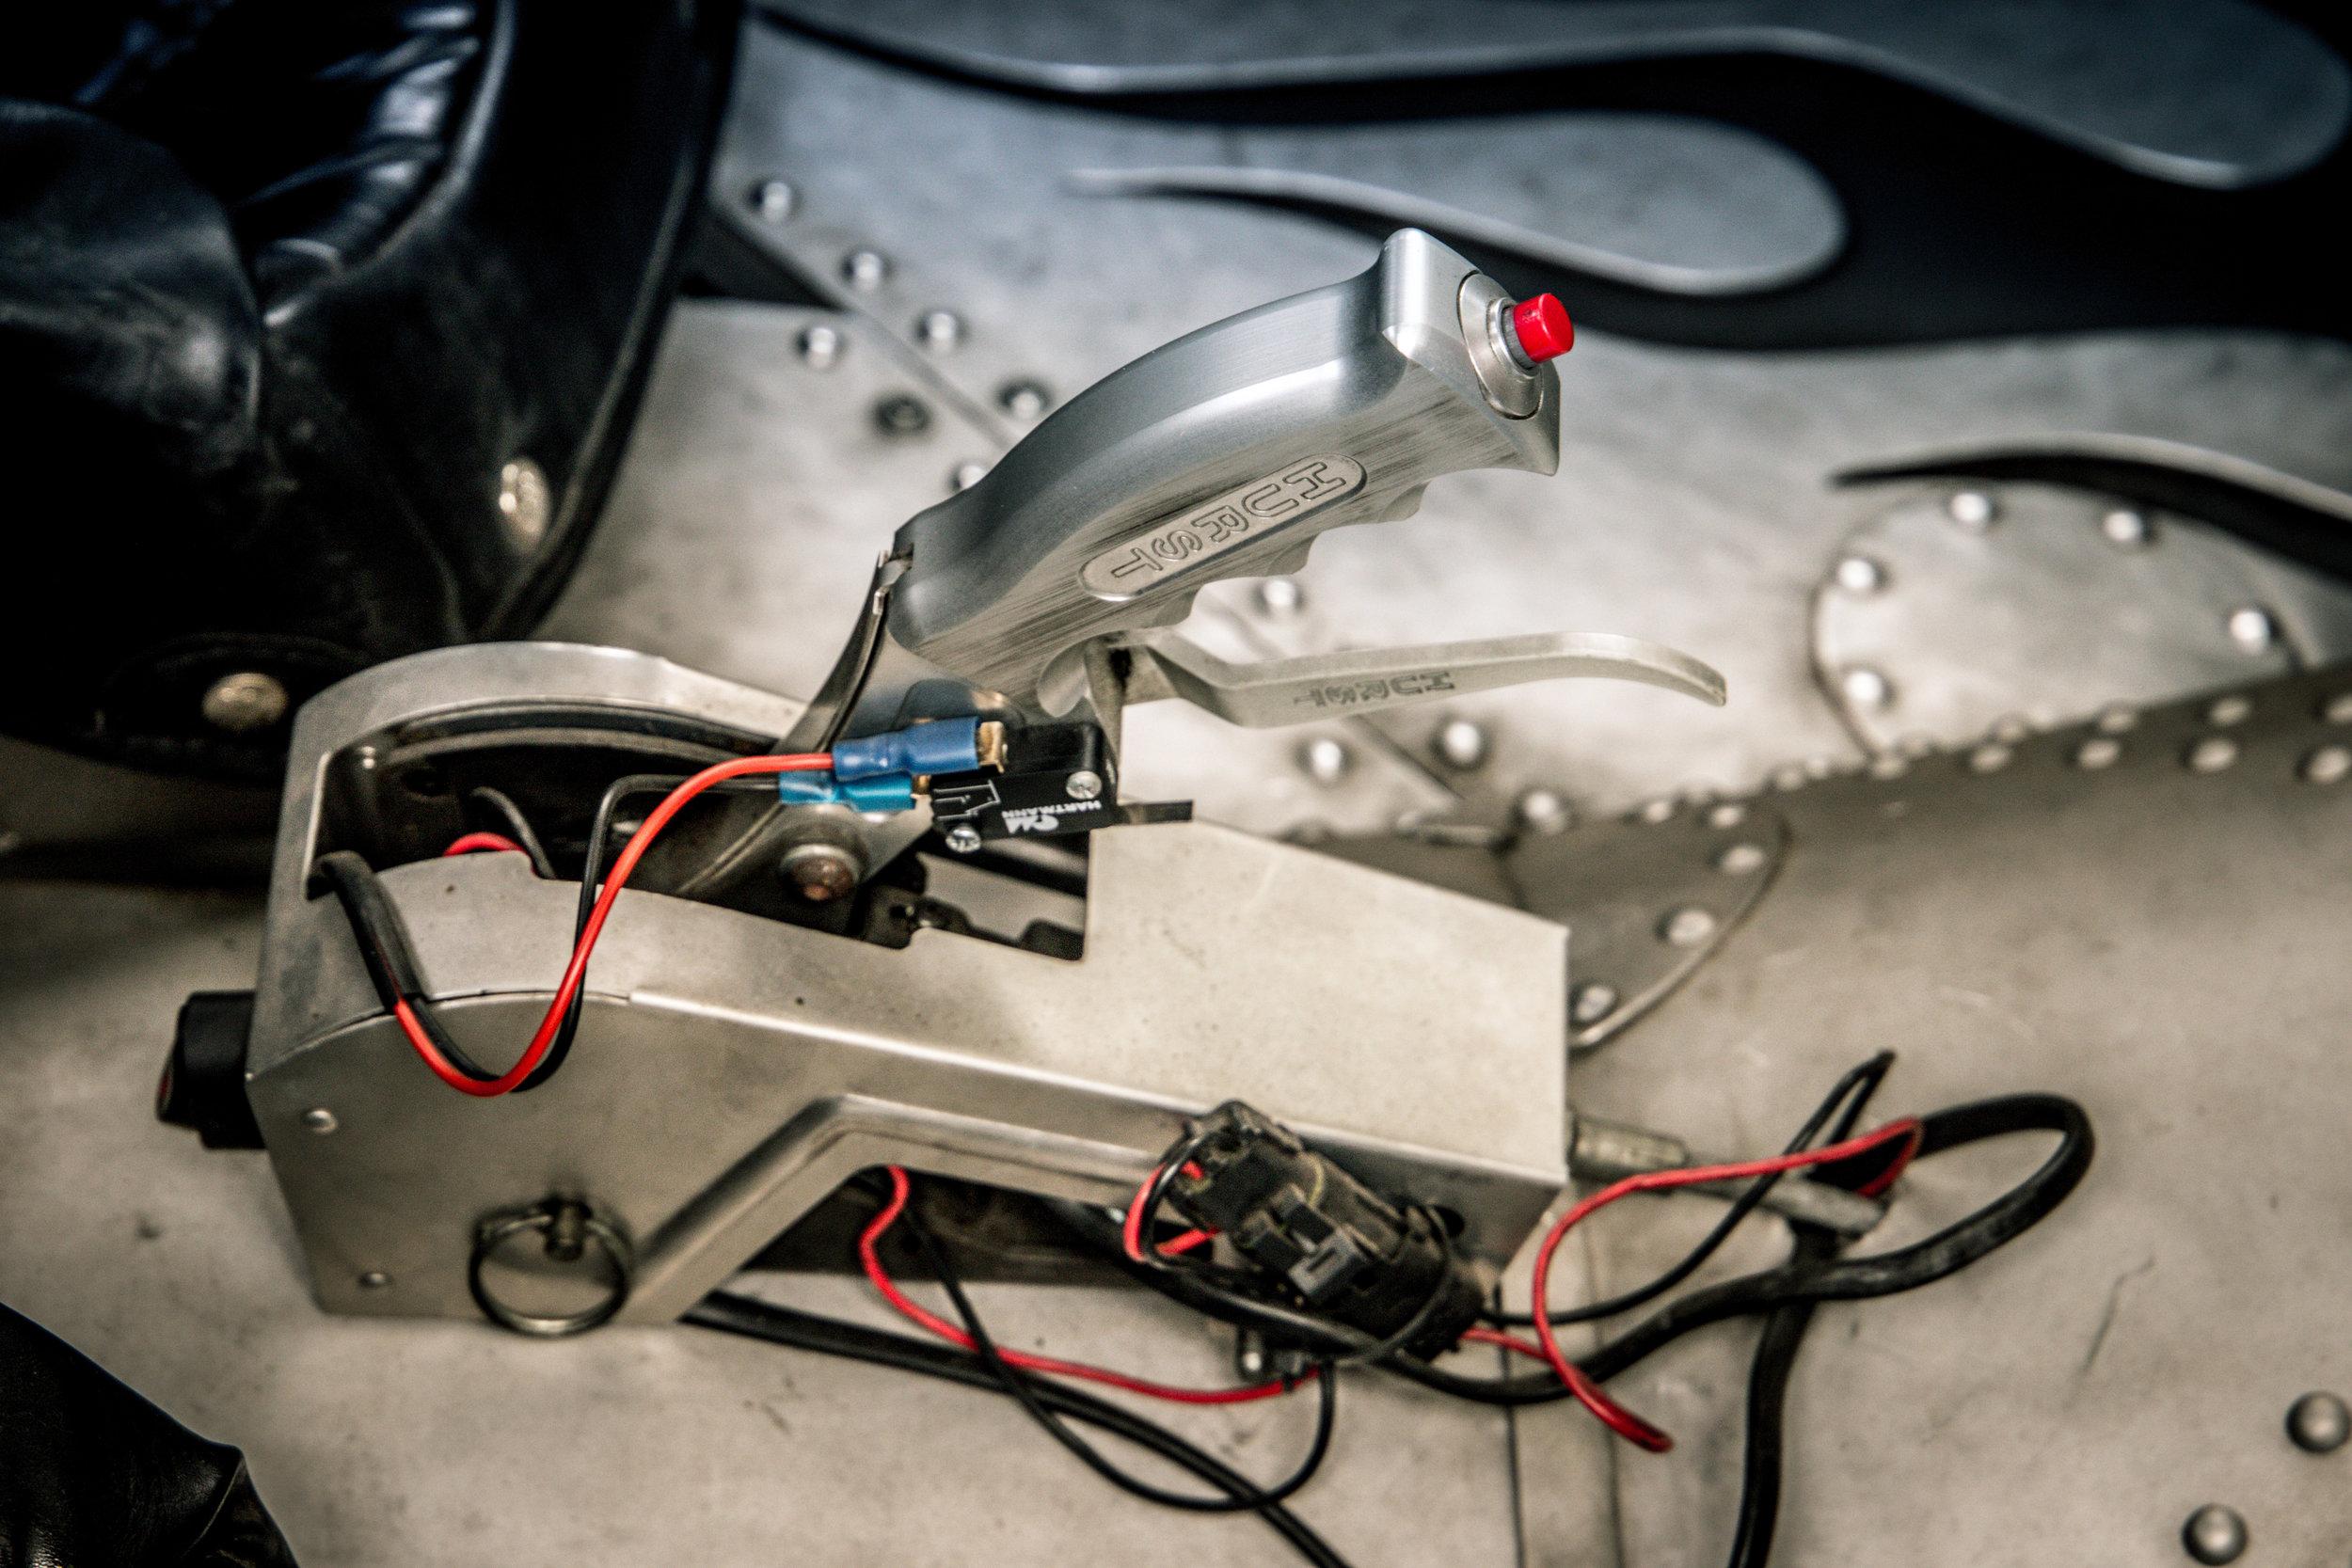 Race Antz Willys 2017 by Dirk Behlau-8540.jpg